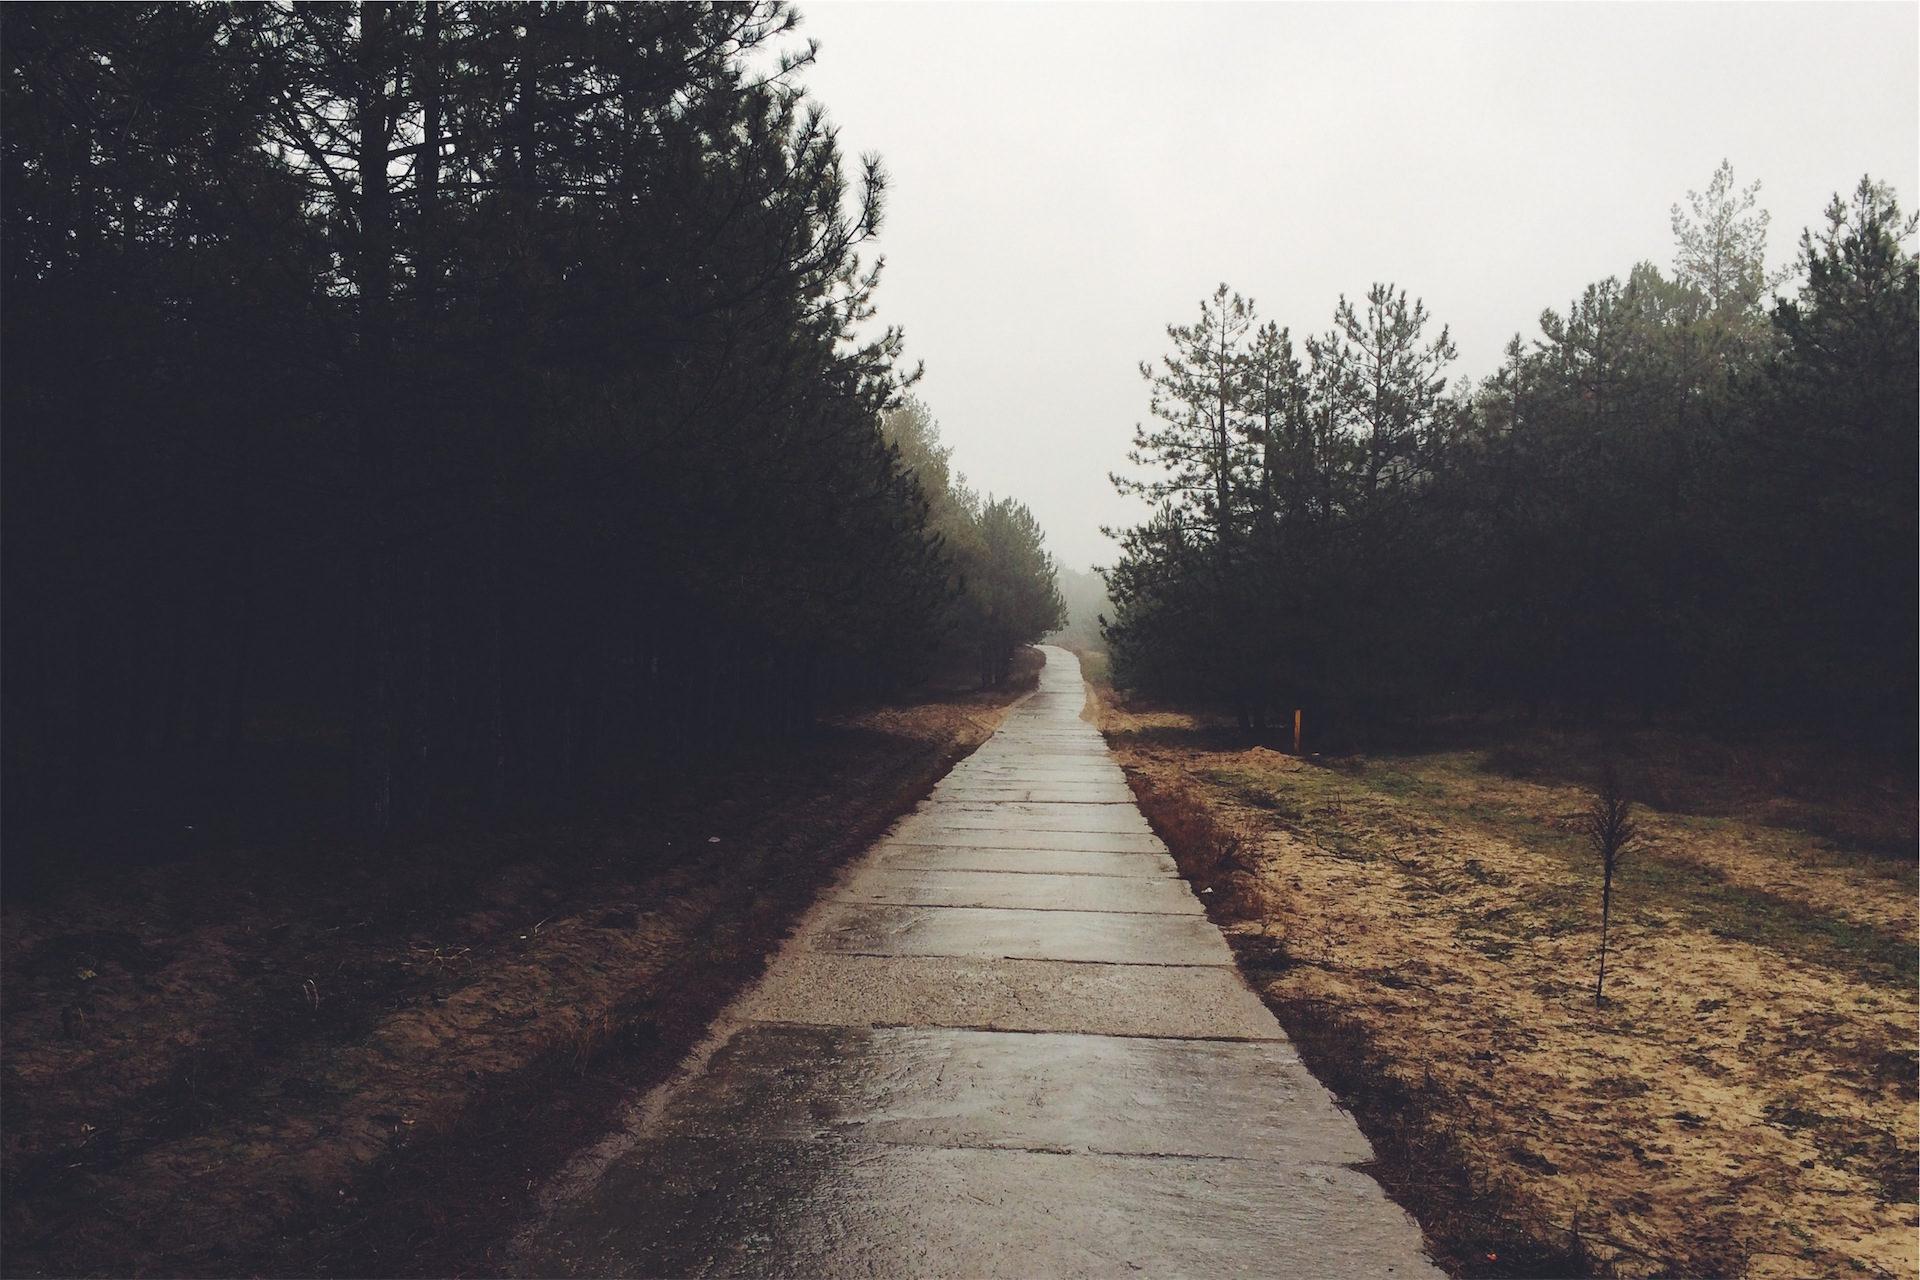 Estrada, nevoeiro, floresta, Soledad, Relaxe - Papéis de parede HD - Professor-falken.com